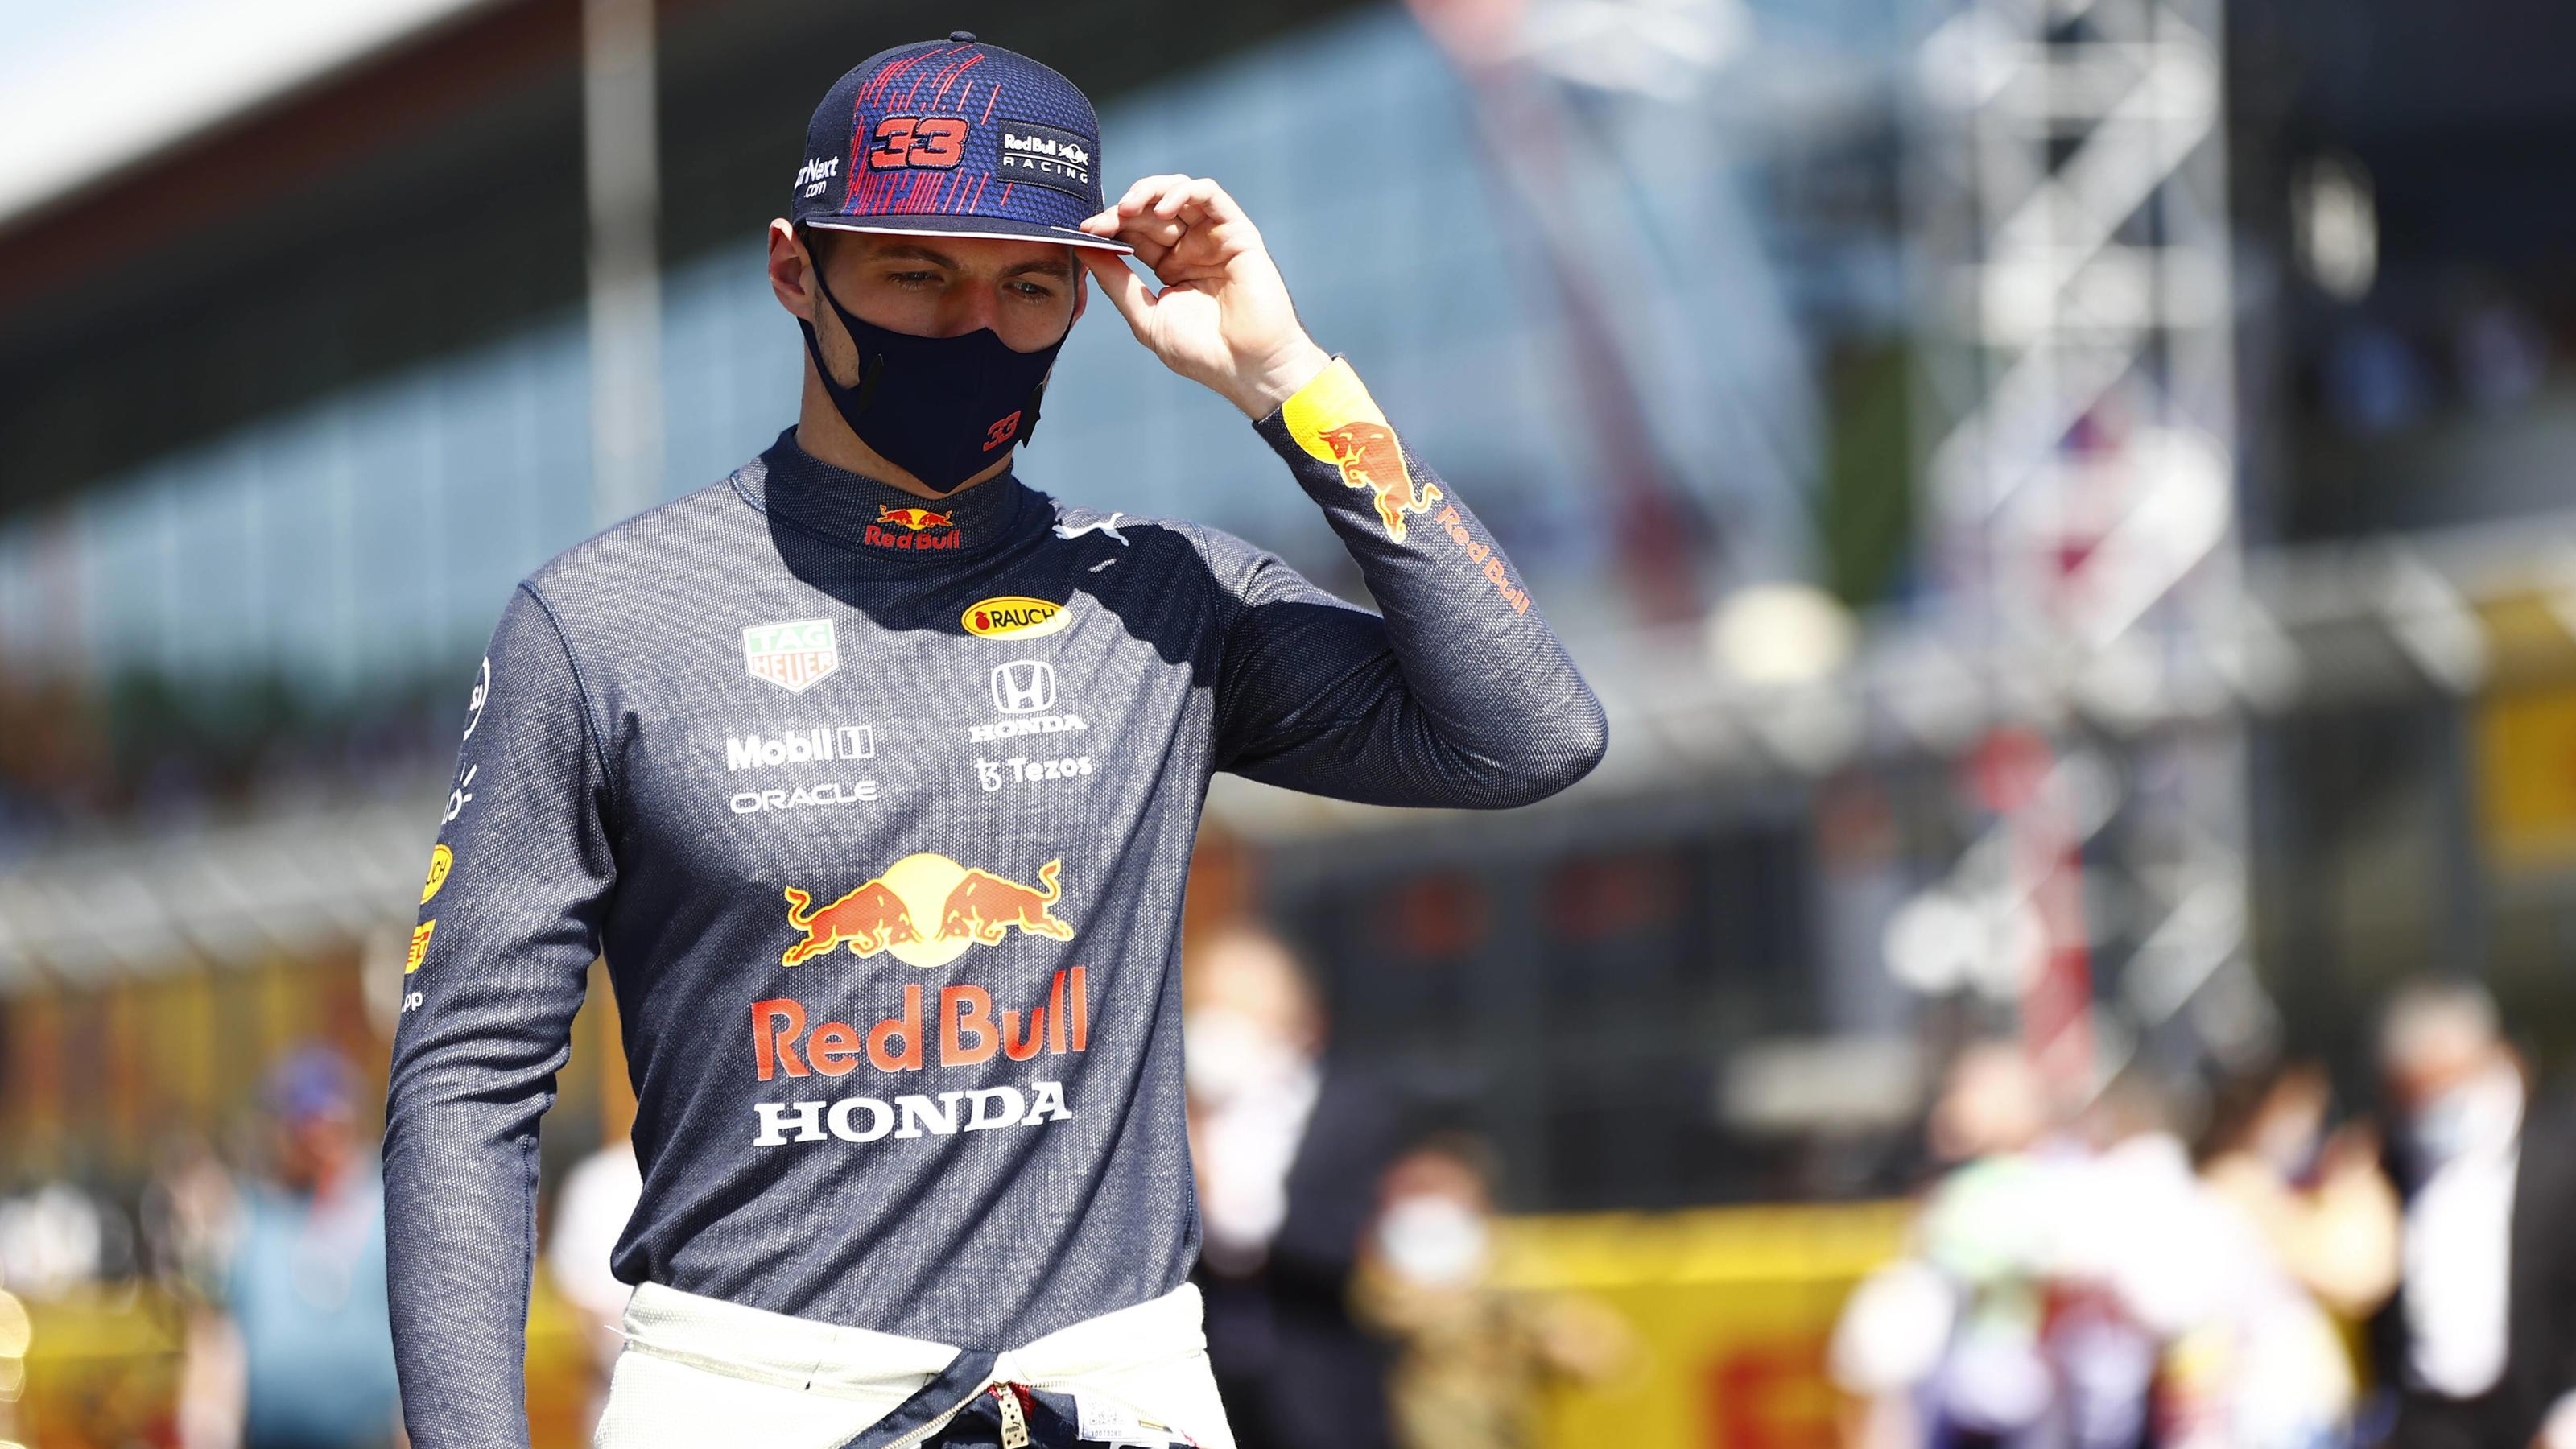 Formel 1 in Silverstone: Max Verstappen wieder aus dem Krankenhaus entlassen